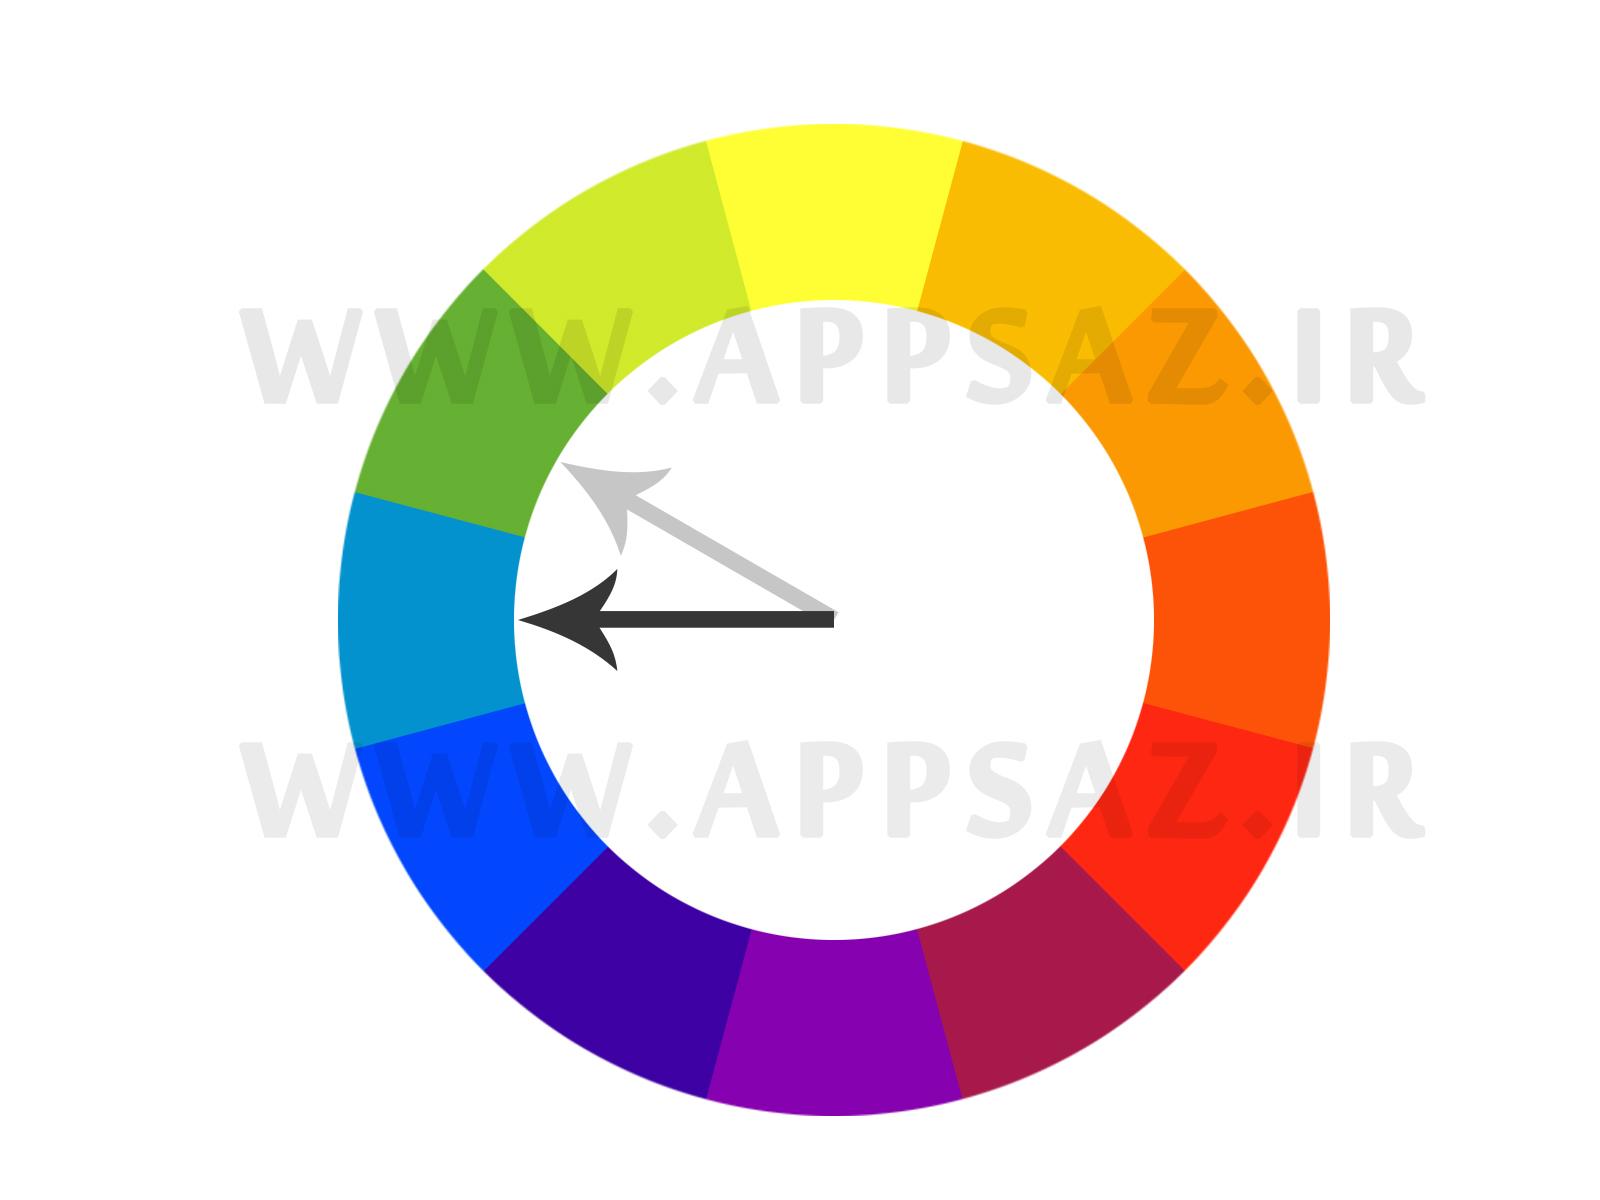 طرح های تک رنگ - چرخه رنگ